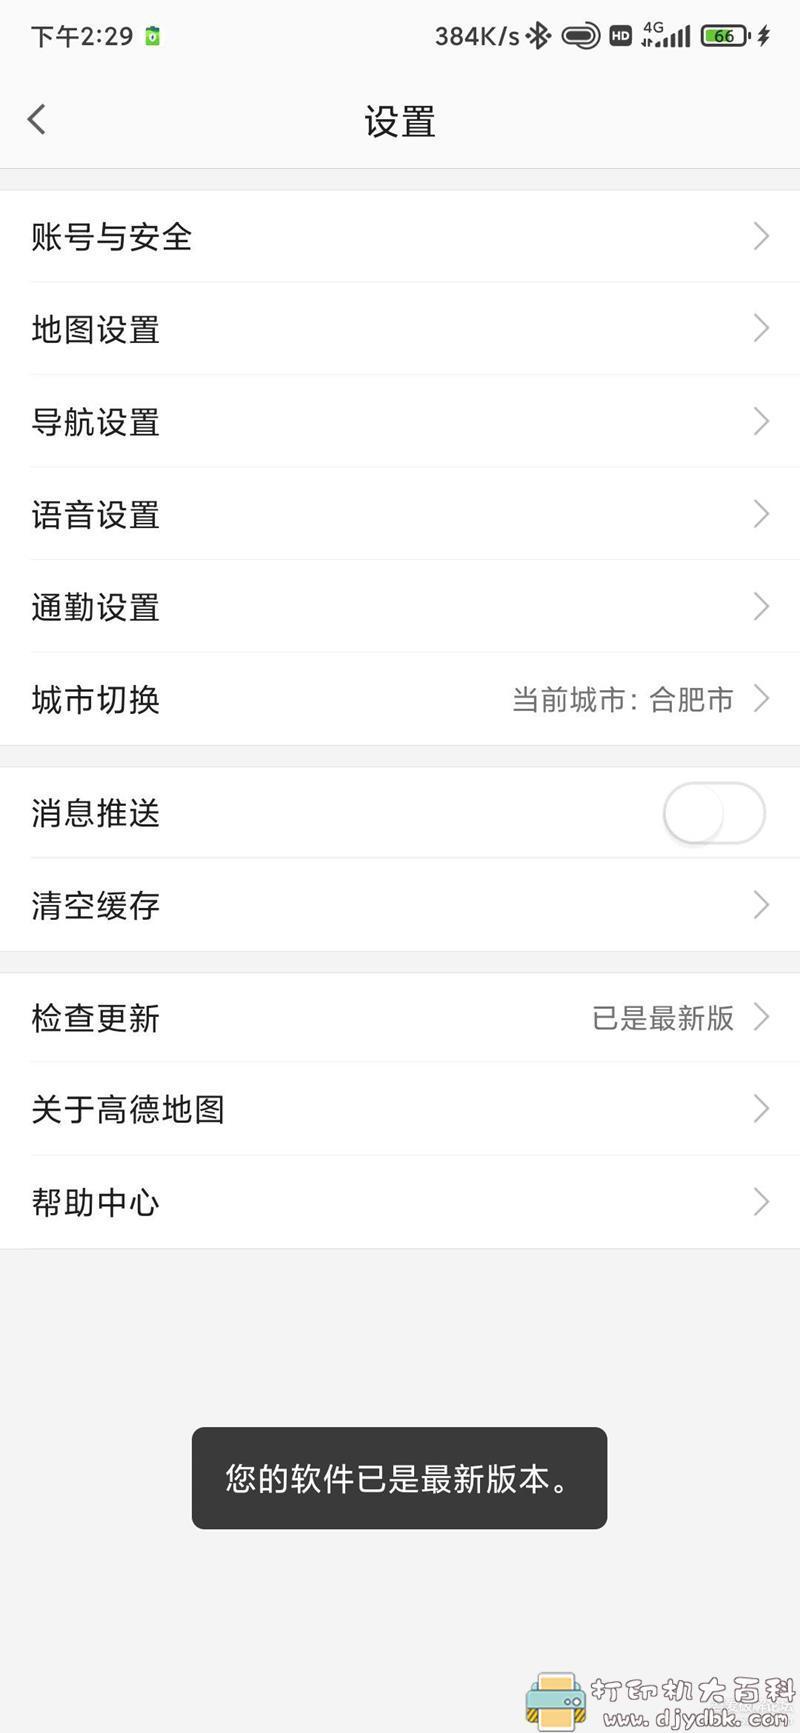 [Android]高德地图_v10.25.0_Build3126_红米K40定制版,无广告 配图 No.1